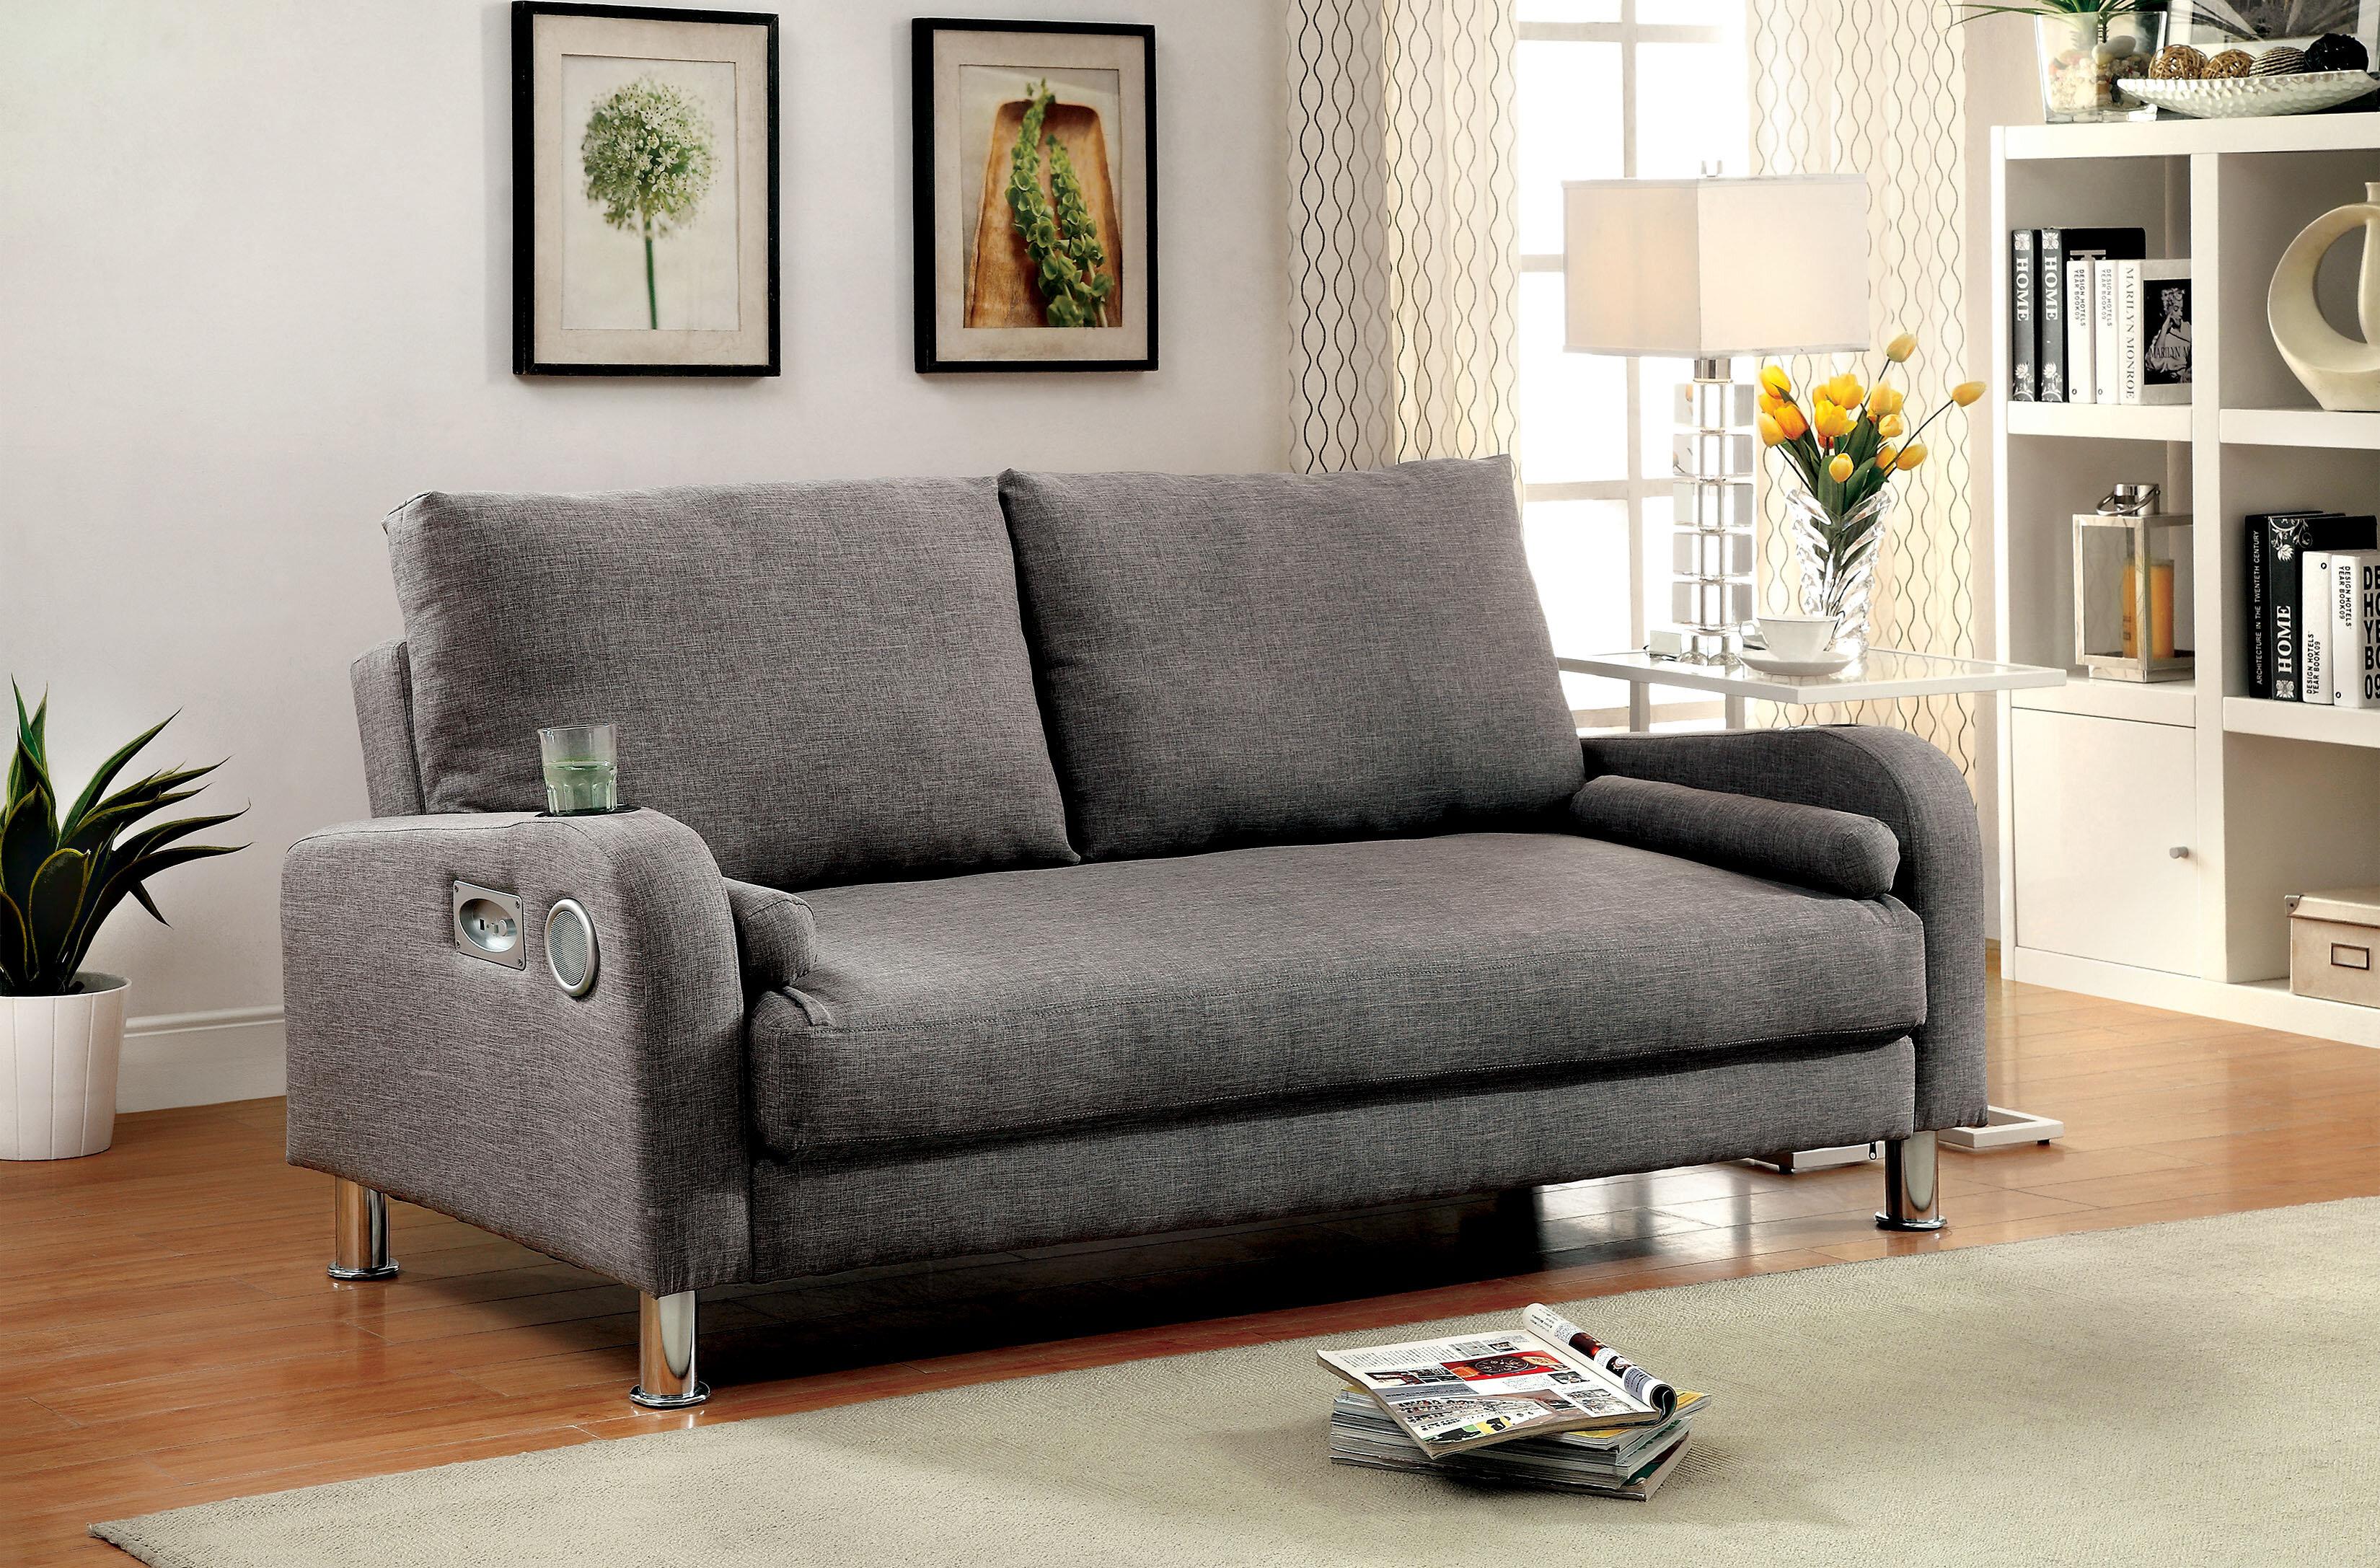 Exceptional Latitude Run Molly Futon Convertible Sofa | Wayfair